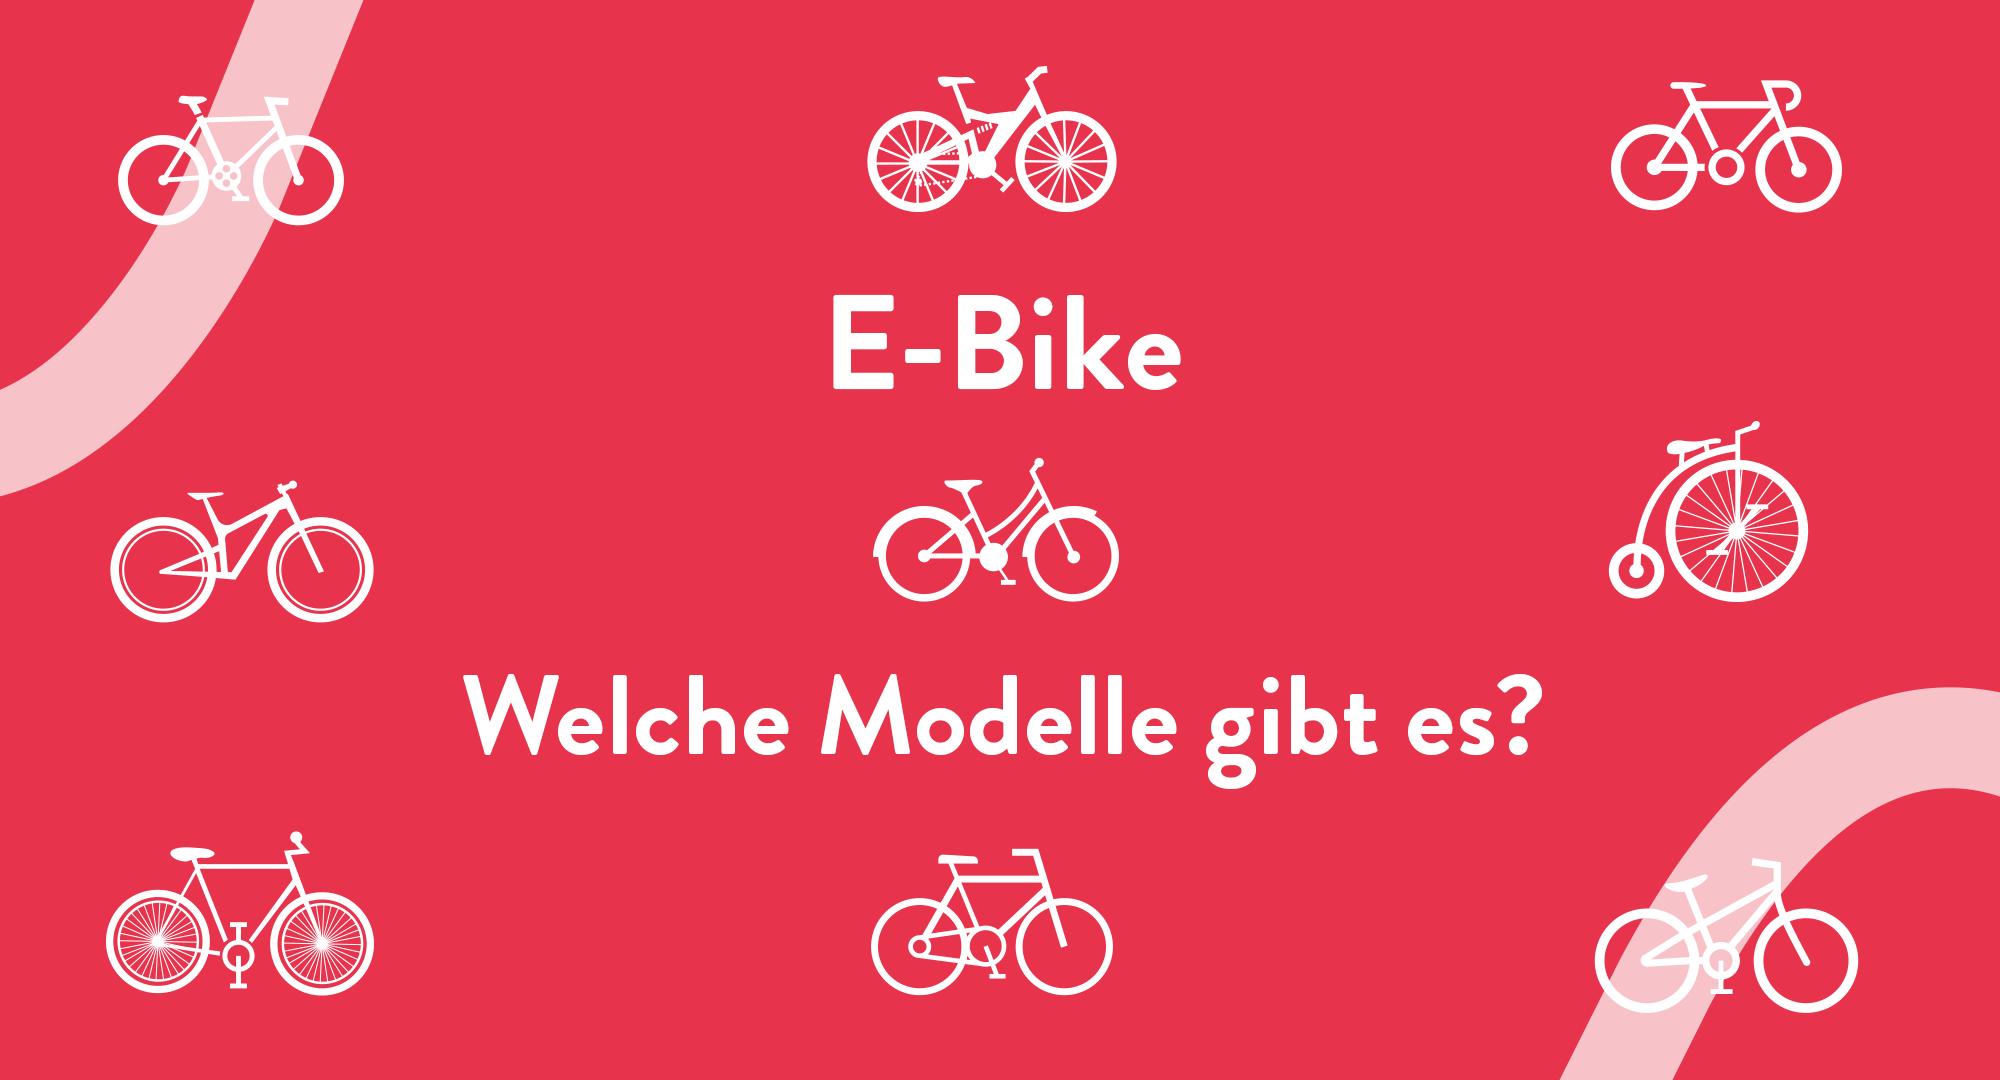 Rote Grafik mit Fahrrad Symbolen und Überschrift: EBike, welche Modelle gibt es?